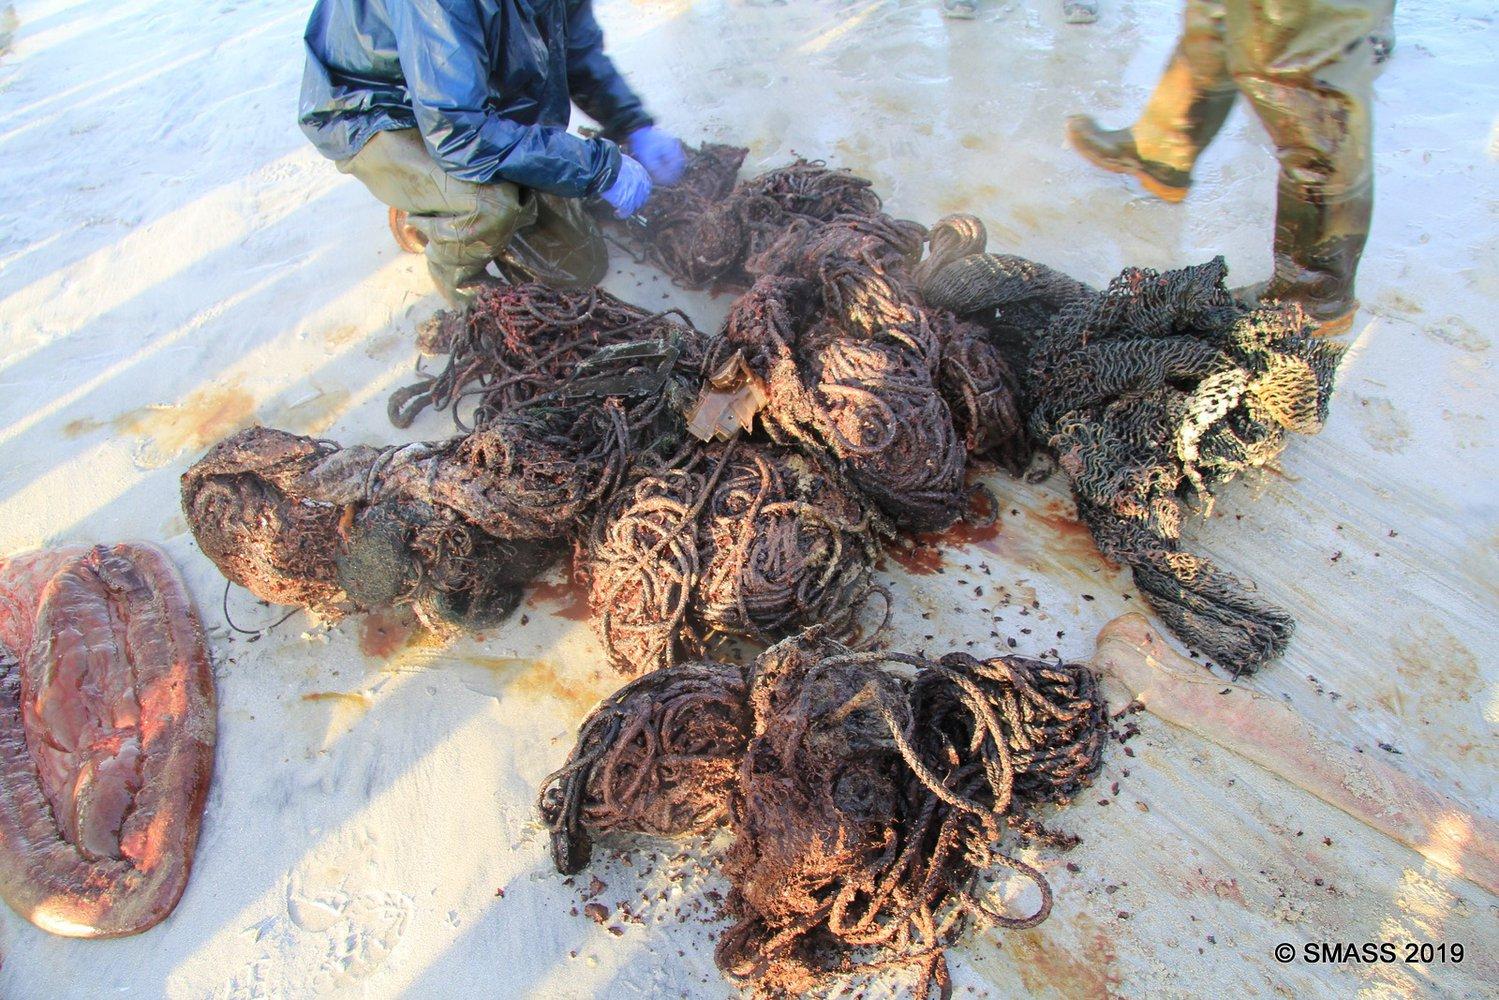 Жахливі наслідки забруднення океану: у шлунку кашалота знайшли 100 кг сміття (ФОТО 18+) - Світовий океан - 05 kashalot2